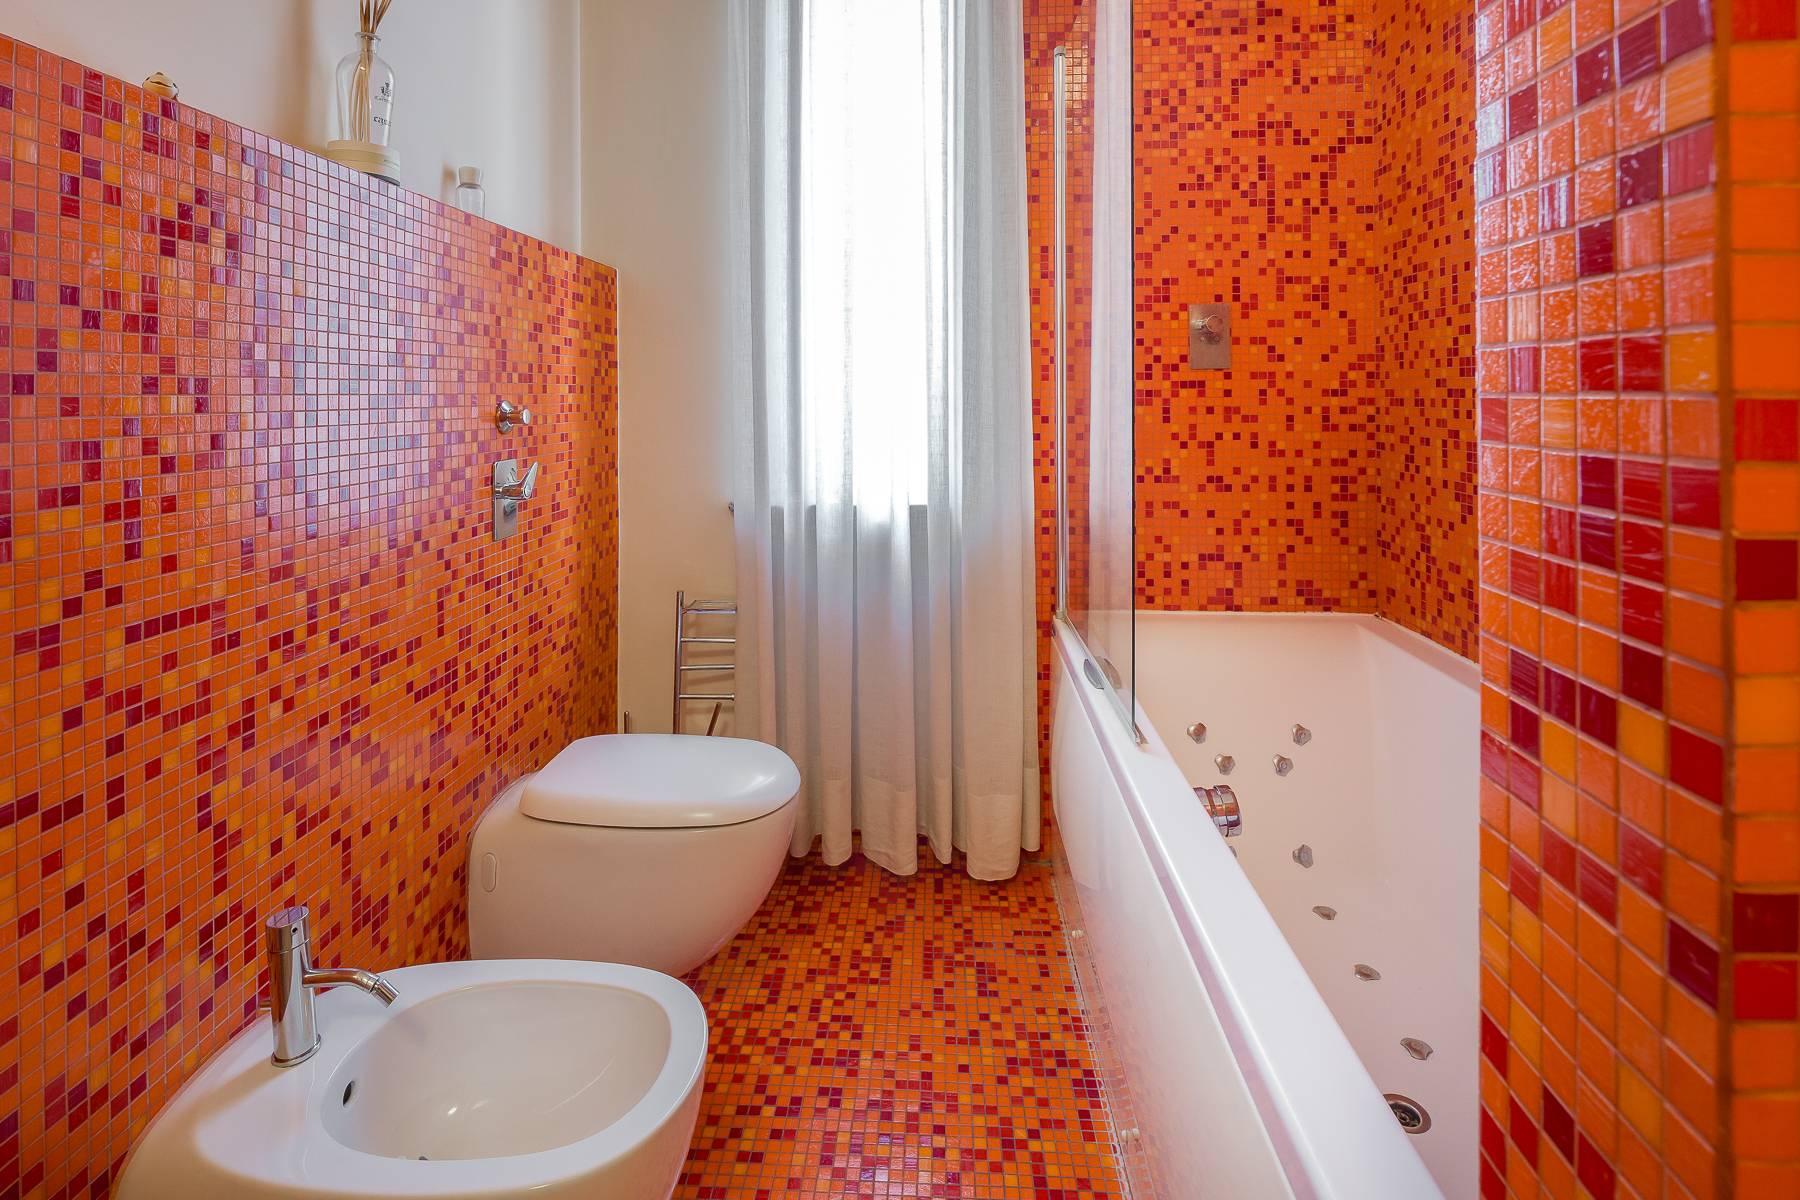 Квартира в классическом стиле на via Besana - 24